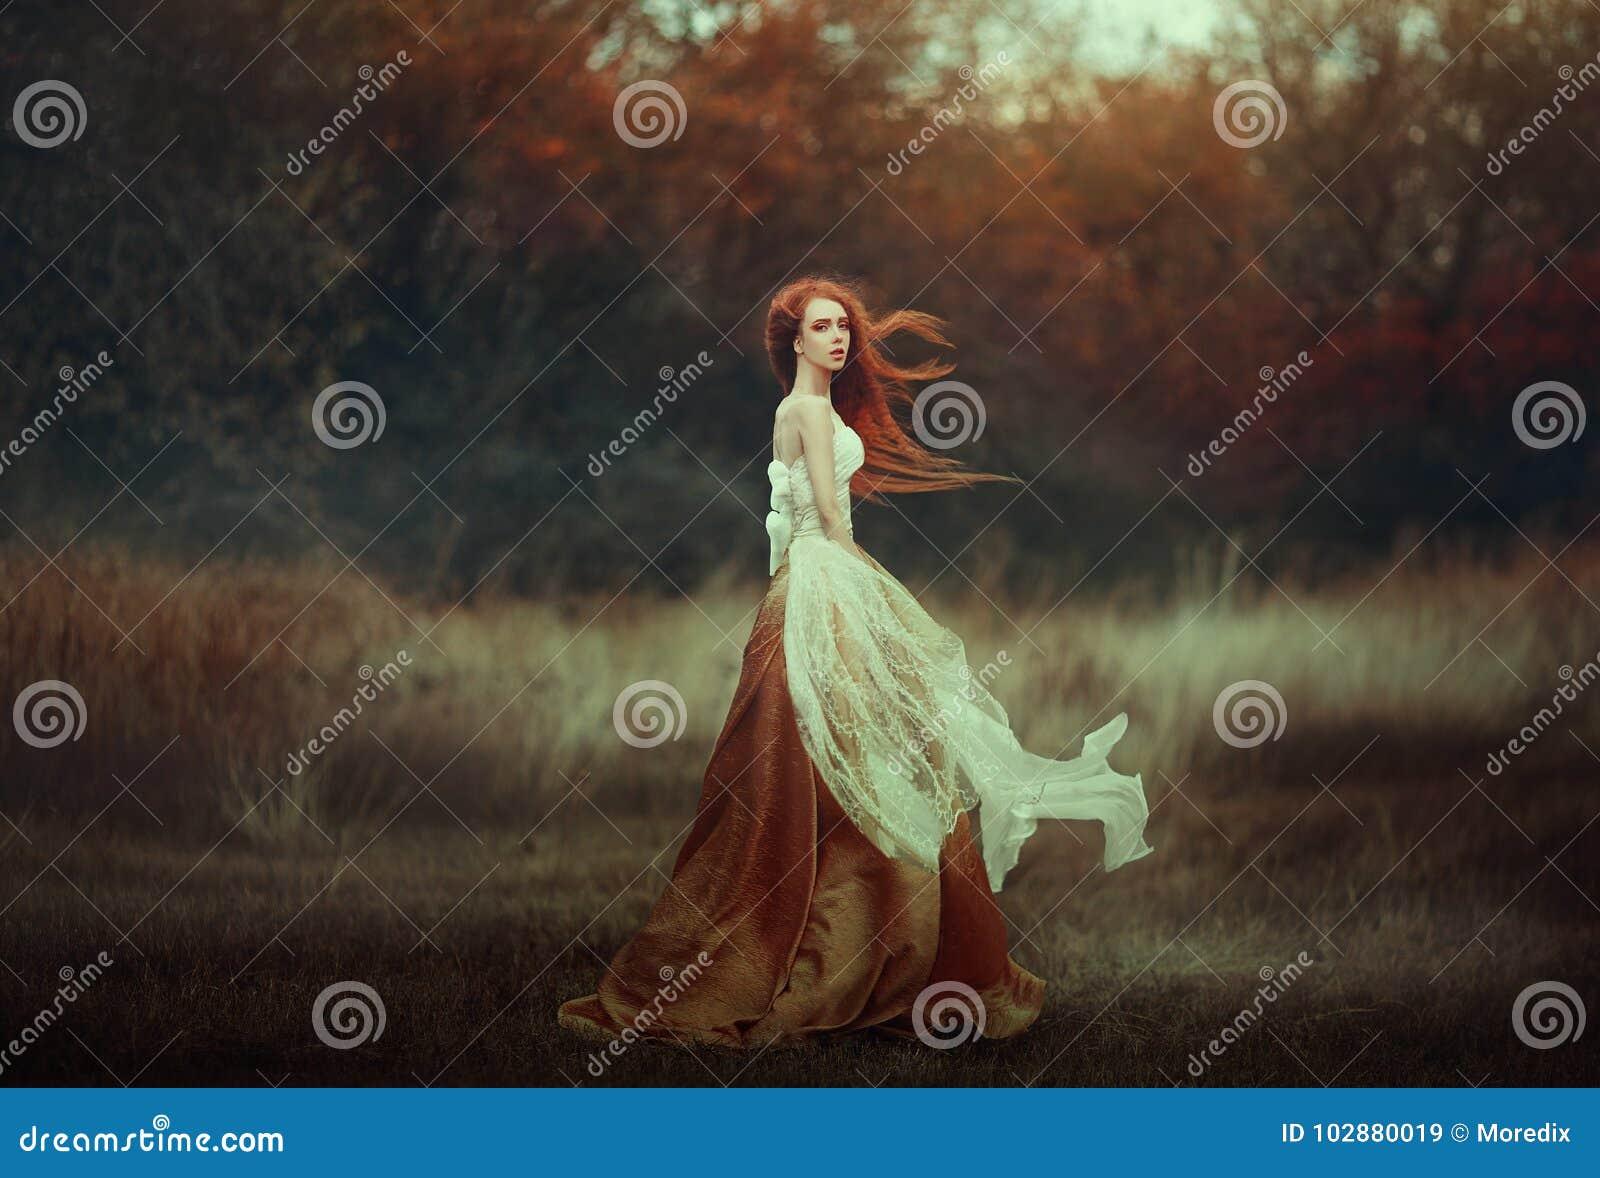 Όμορφη νέα γυναίκα με την πολύ μακριά κόκκινη τρίχα σε ένα χρυσό μεσαιωνικό φόρεμα που περπατά μέσω του δασικού μακροχρόνιου κοκκ